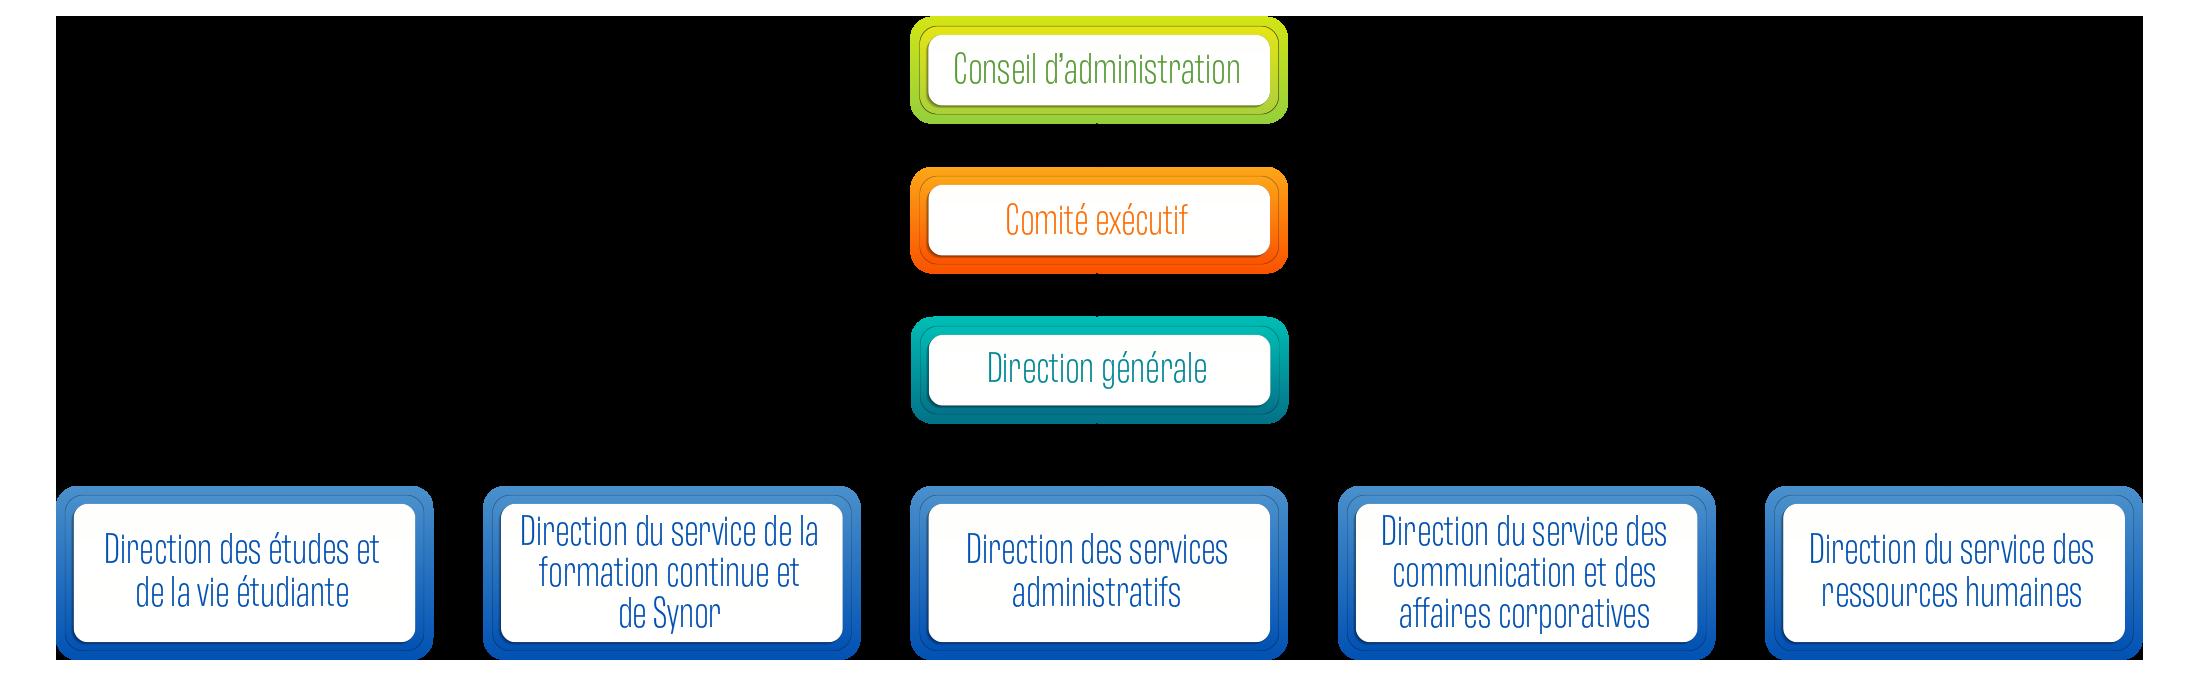 Organigramme_Rubrique INSTANCES_10 fév 2020